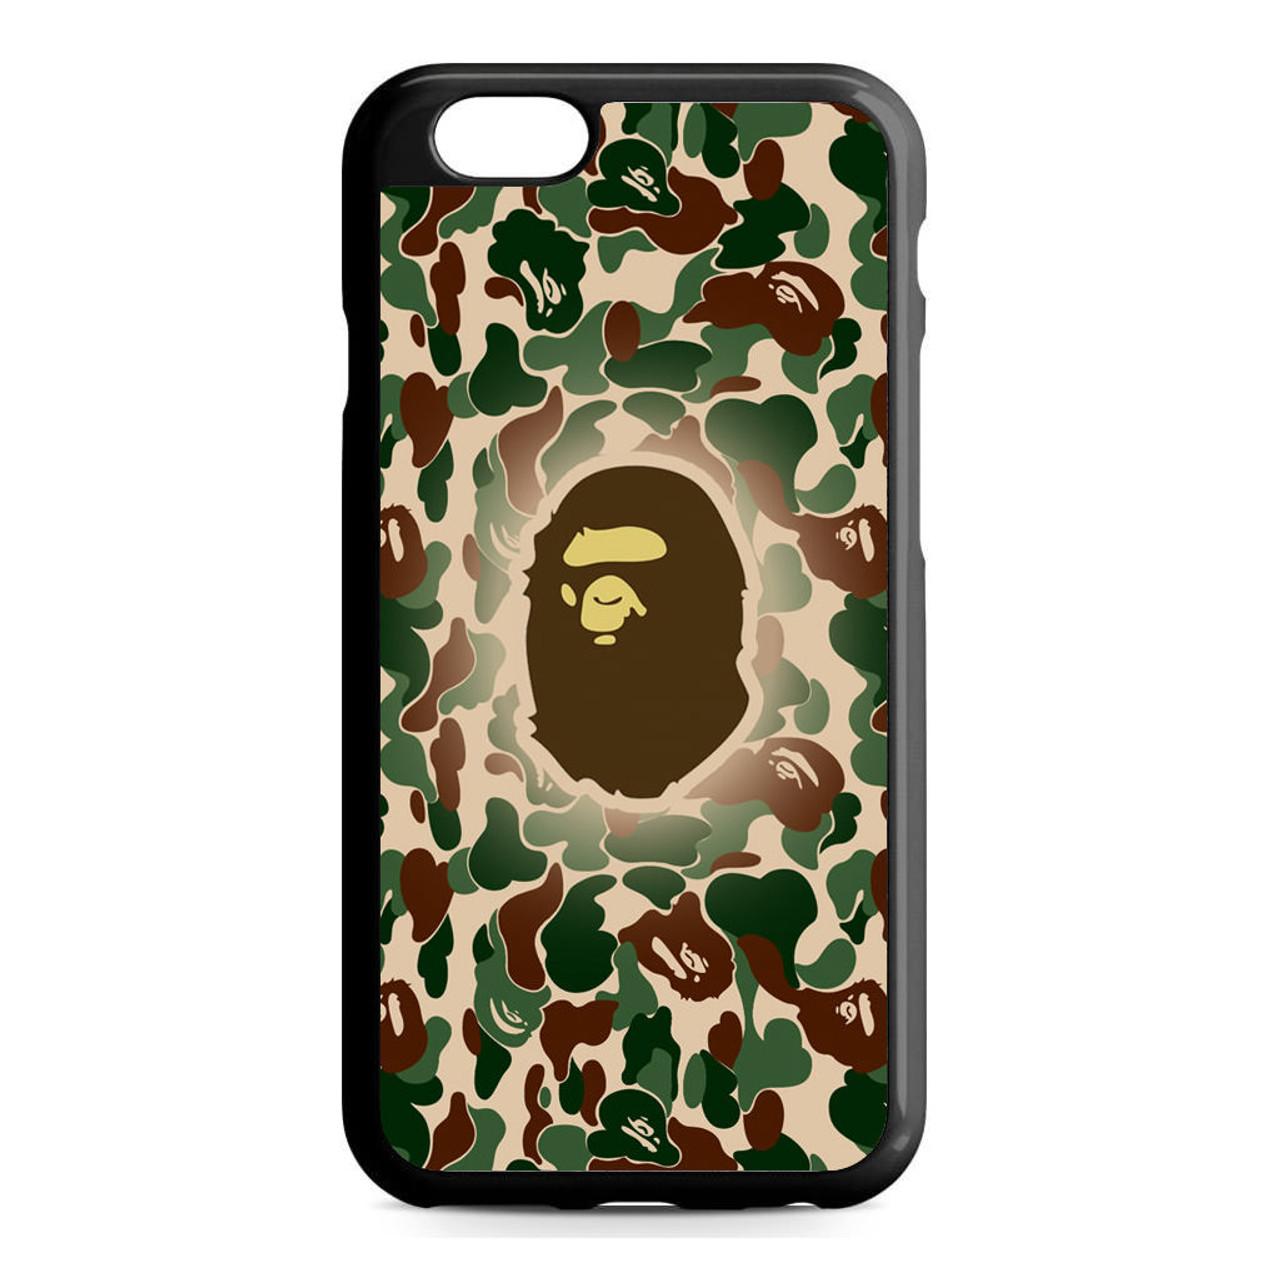 sale retailer 6598f bb0a6 Bathing Ape Bape Camo iPhone 6/6S Case